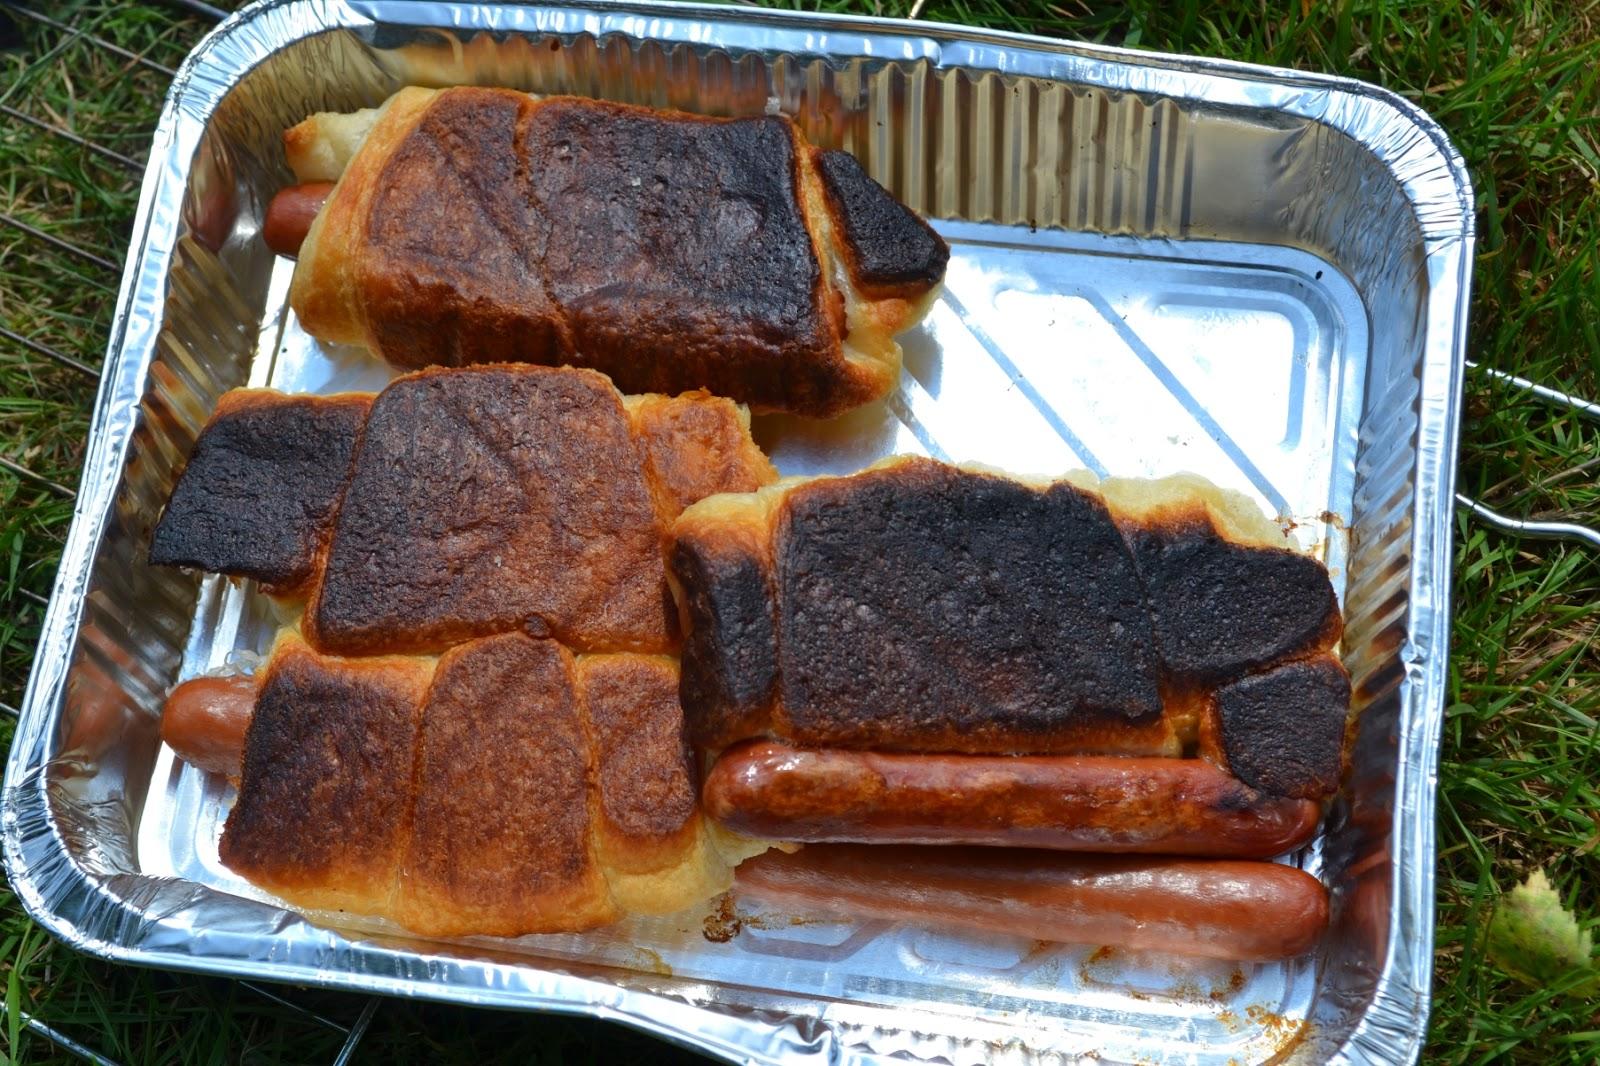 4 aangebrande croissants met knakworst in een bakje van aluminiumfolie